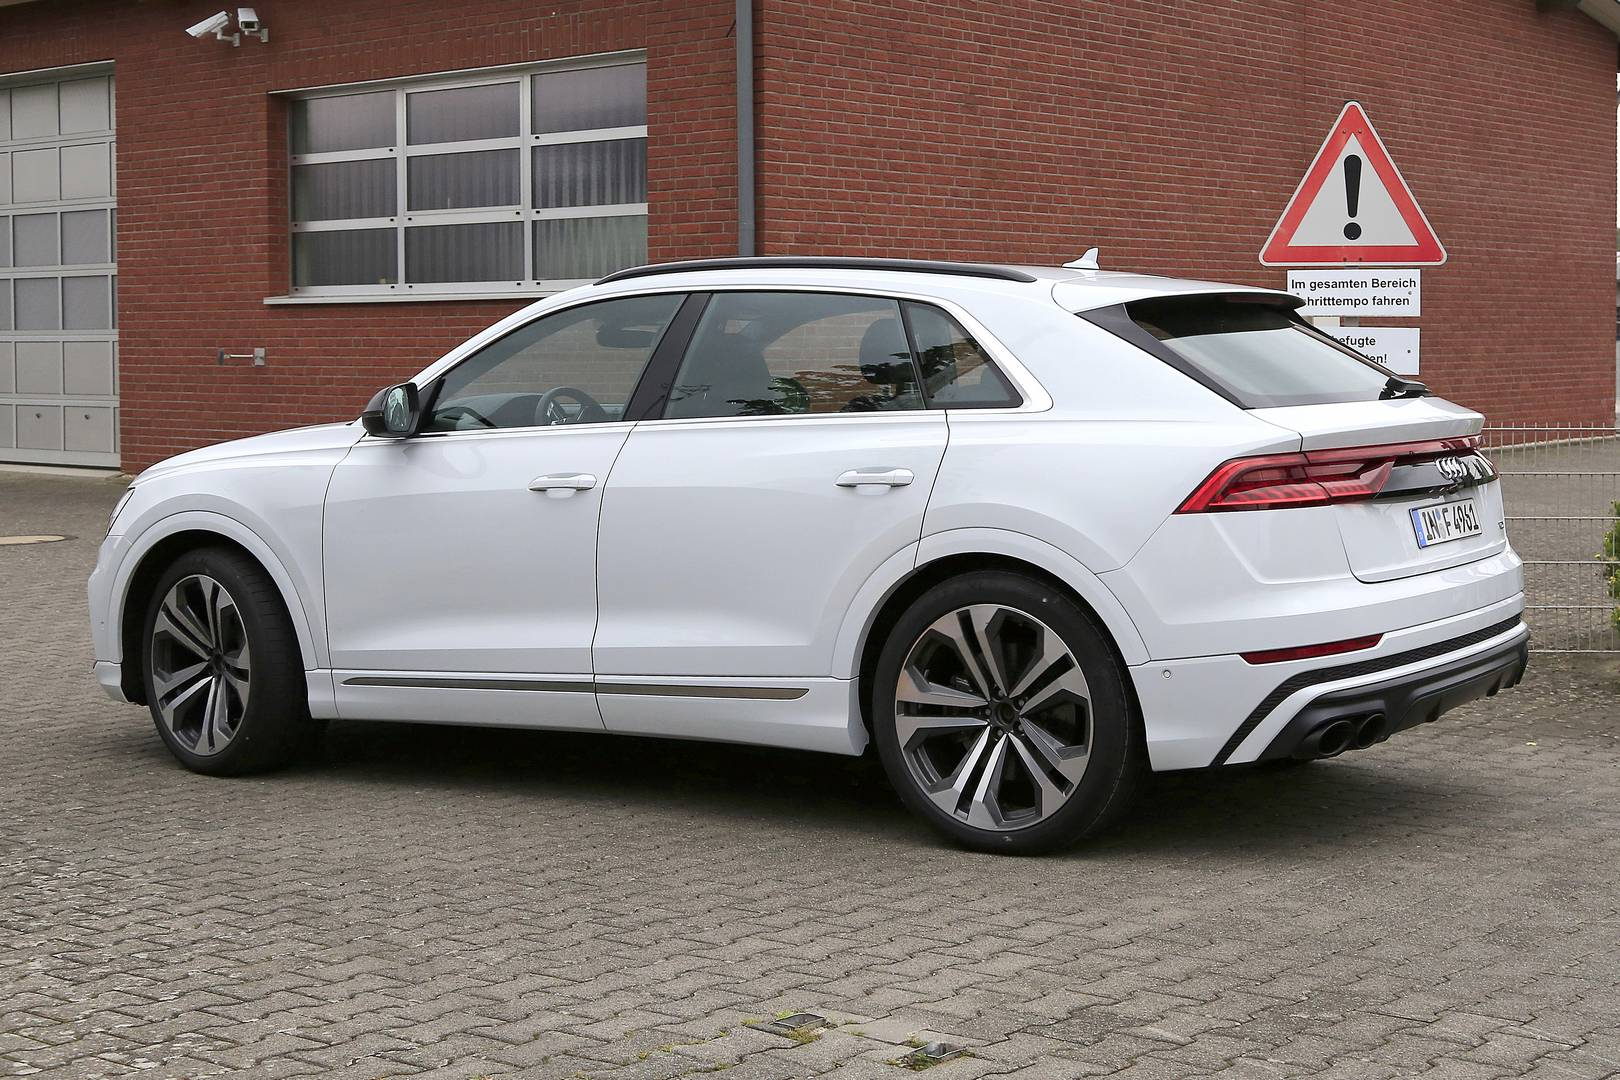 Фотографии показывают автомобиль со значком TDI. Не обманывайте себя, четыре выхлопные трубы - это то, куда вы на самом деле должны смотреть. У тестируемого автомобиля, похоже, была трансмиссия нового Audi SQ8, пересаженного в более послушную модель